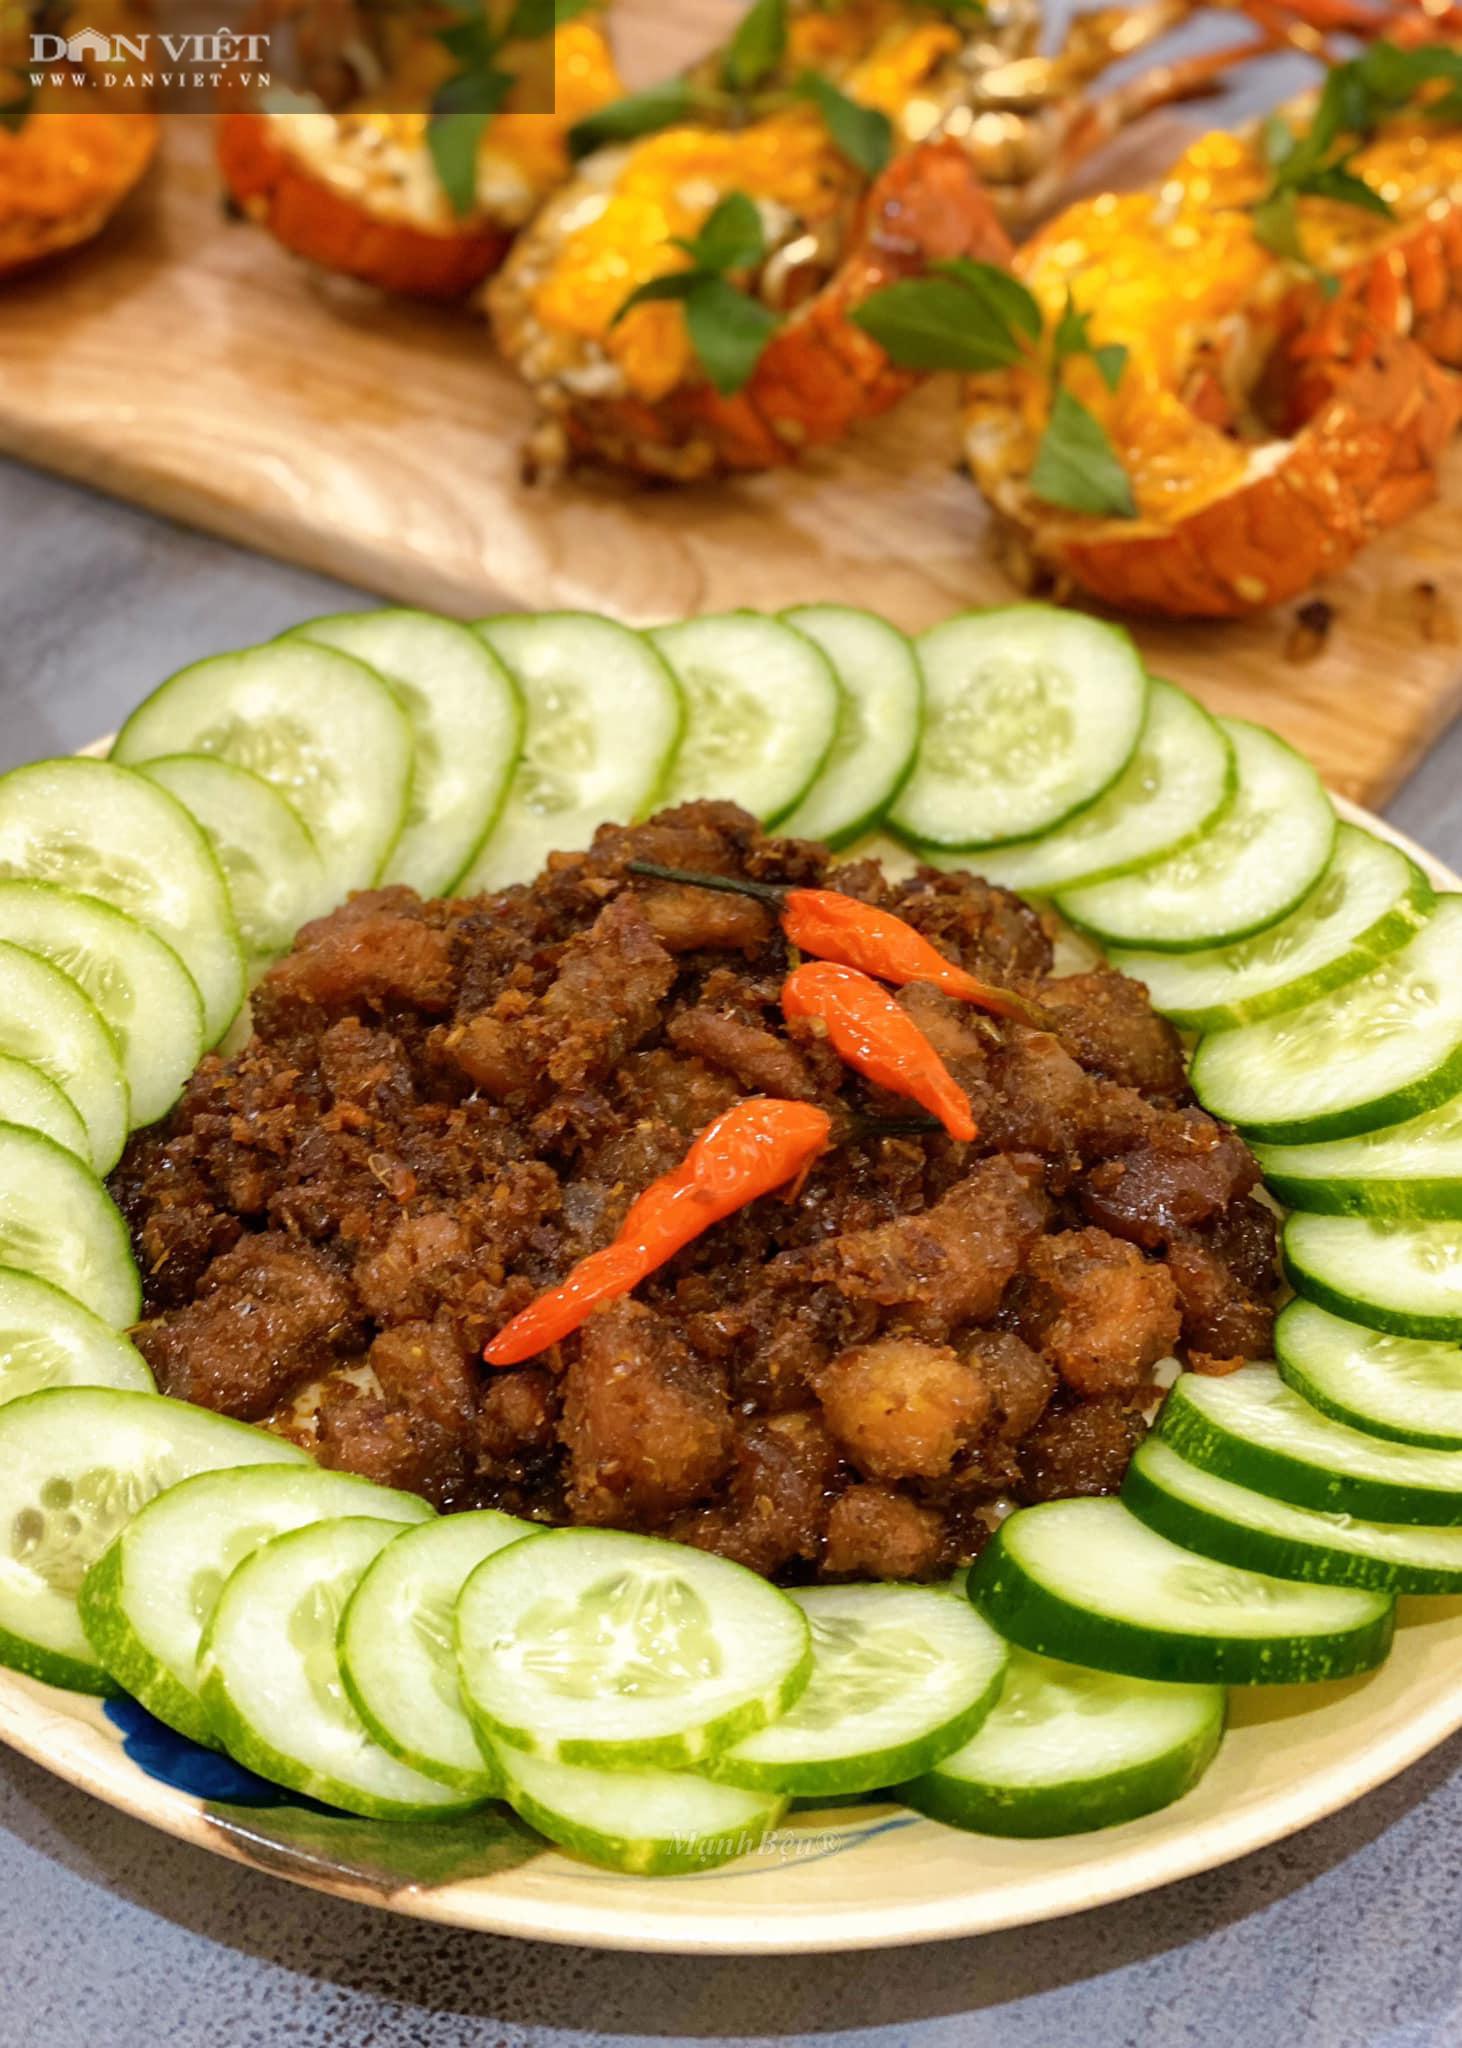 Cách làm món thịt ba rọi ruốc sả hấp dẫn đưa cơm - Ảnh 6.